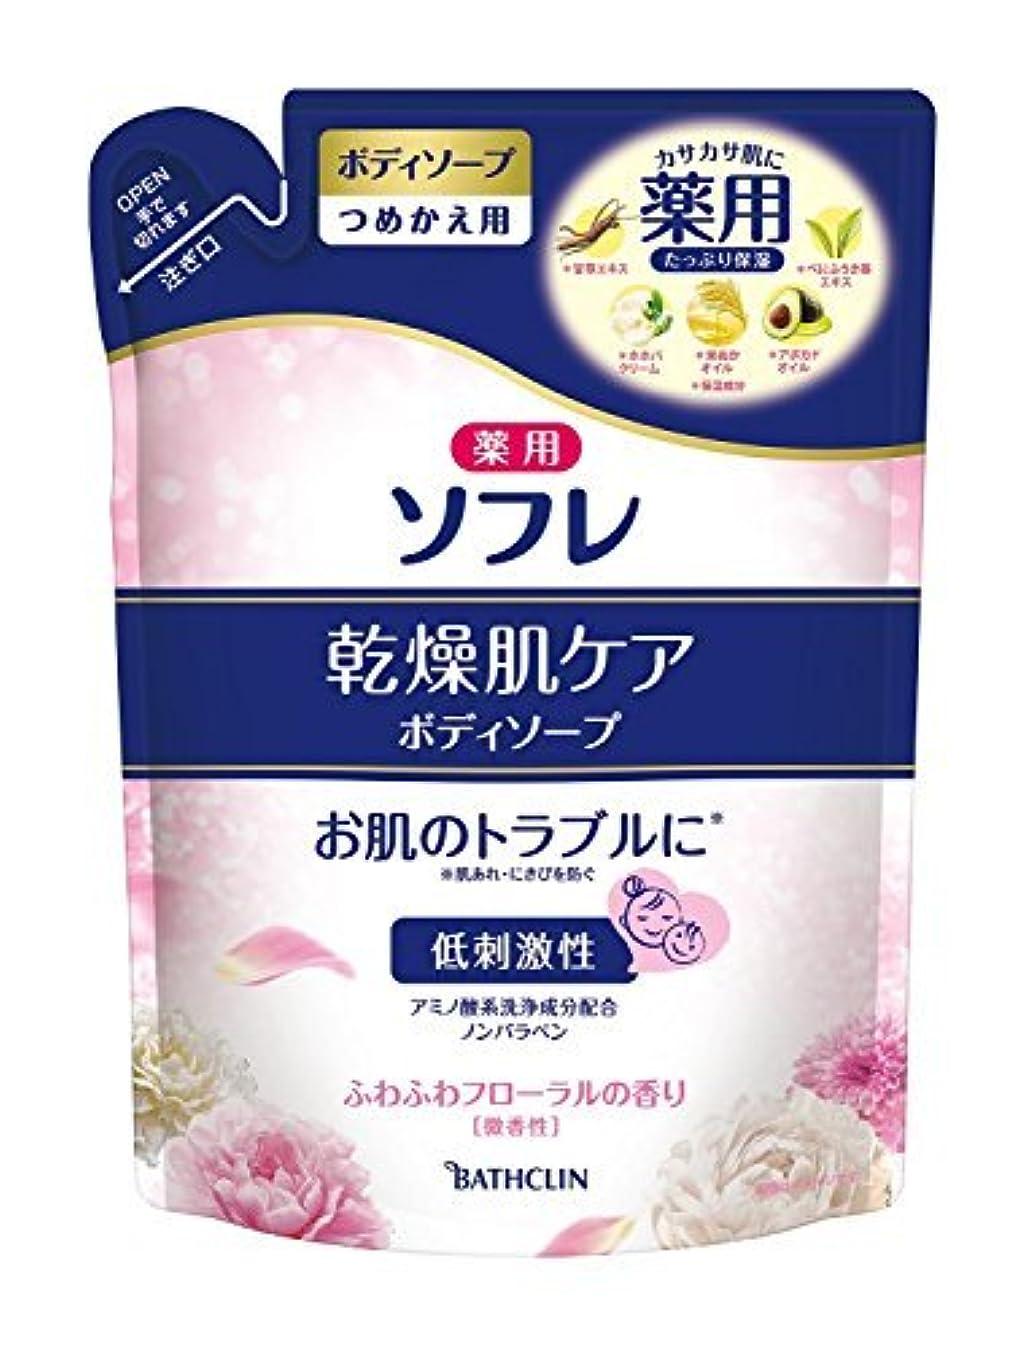 句流暢抽象薬用ソフレ 乾燥肌ケアボディ詰替 × 12個セット